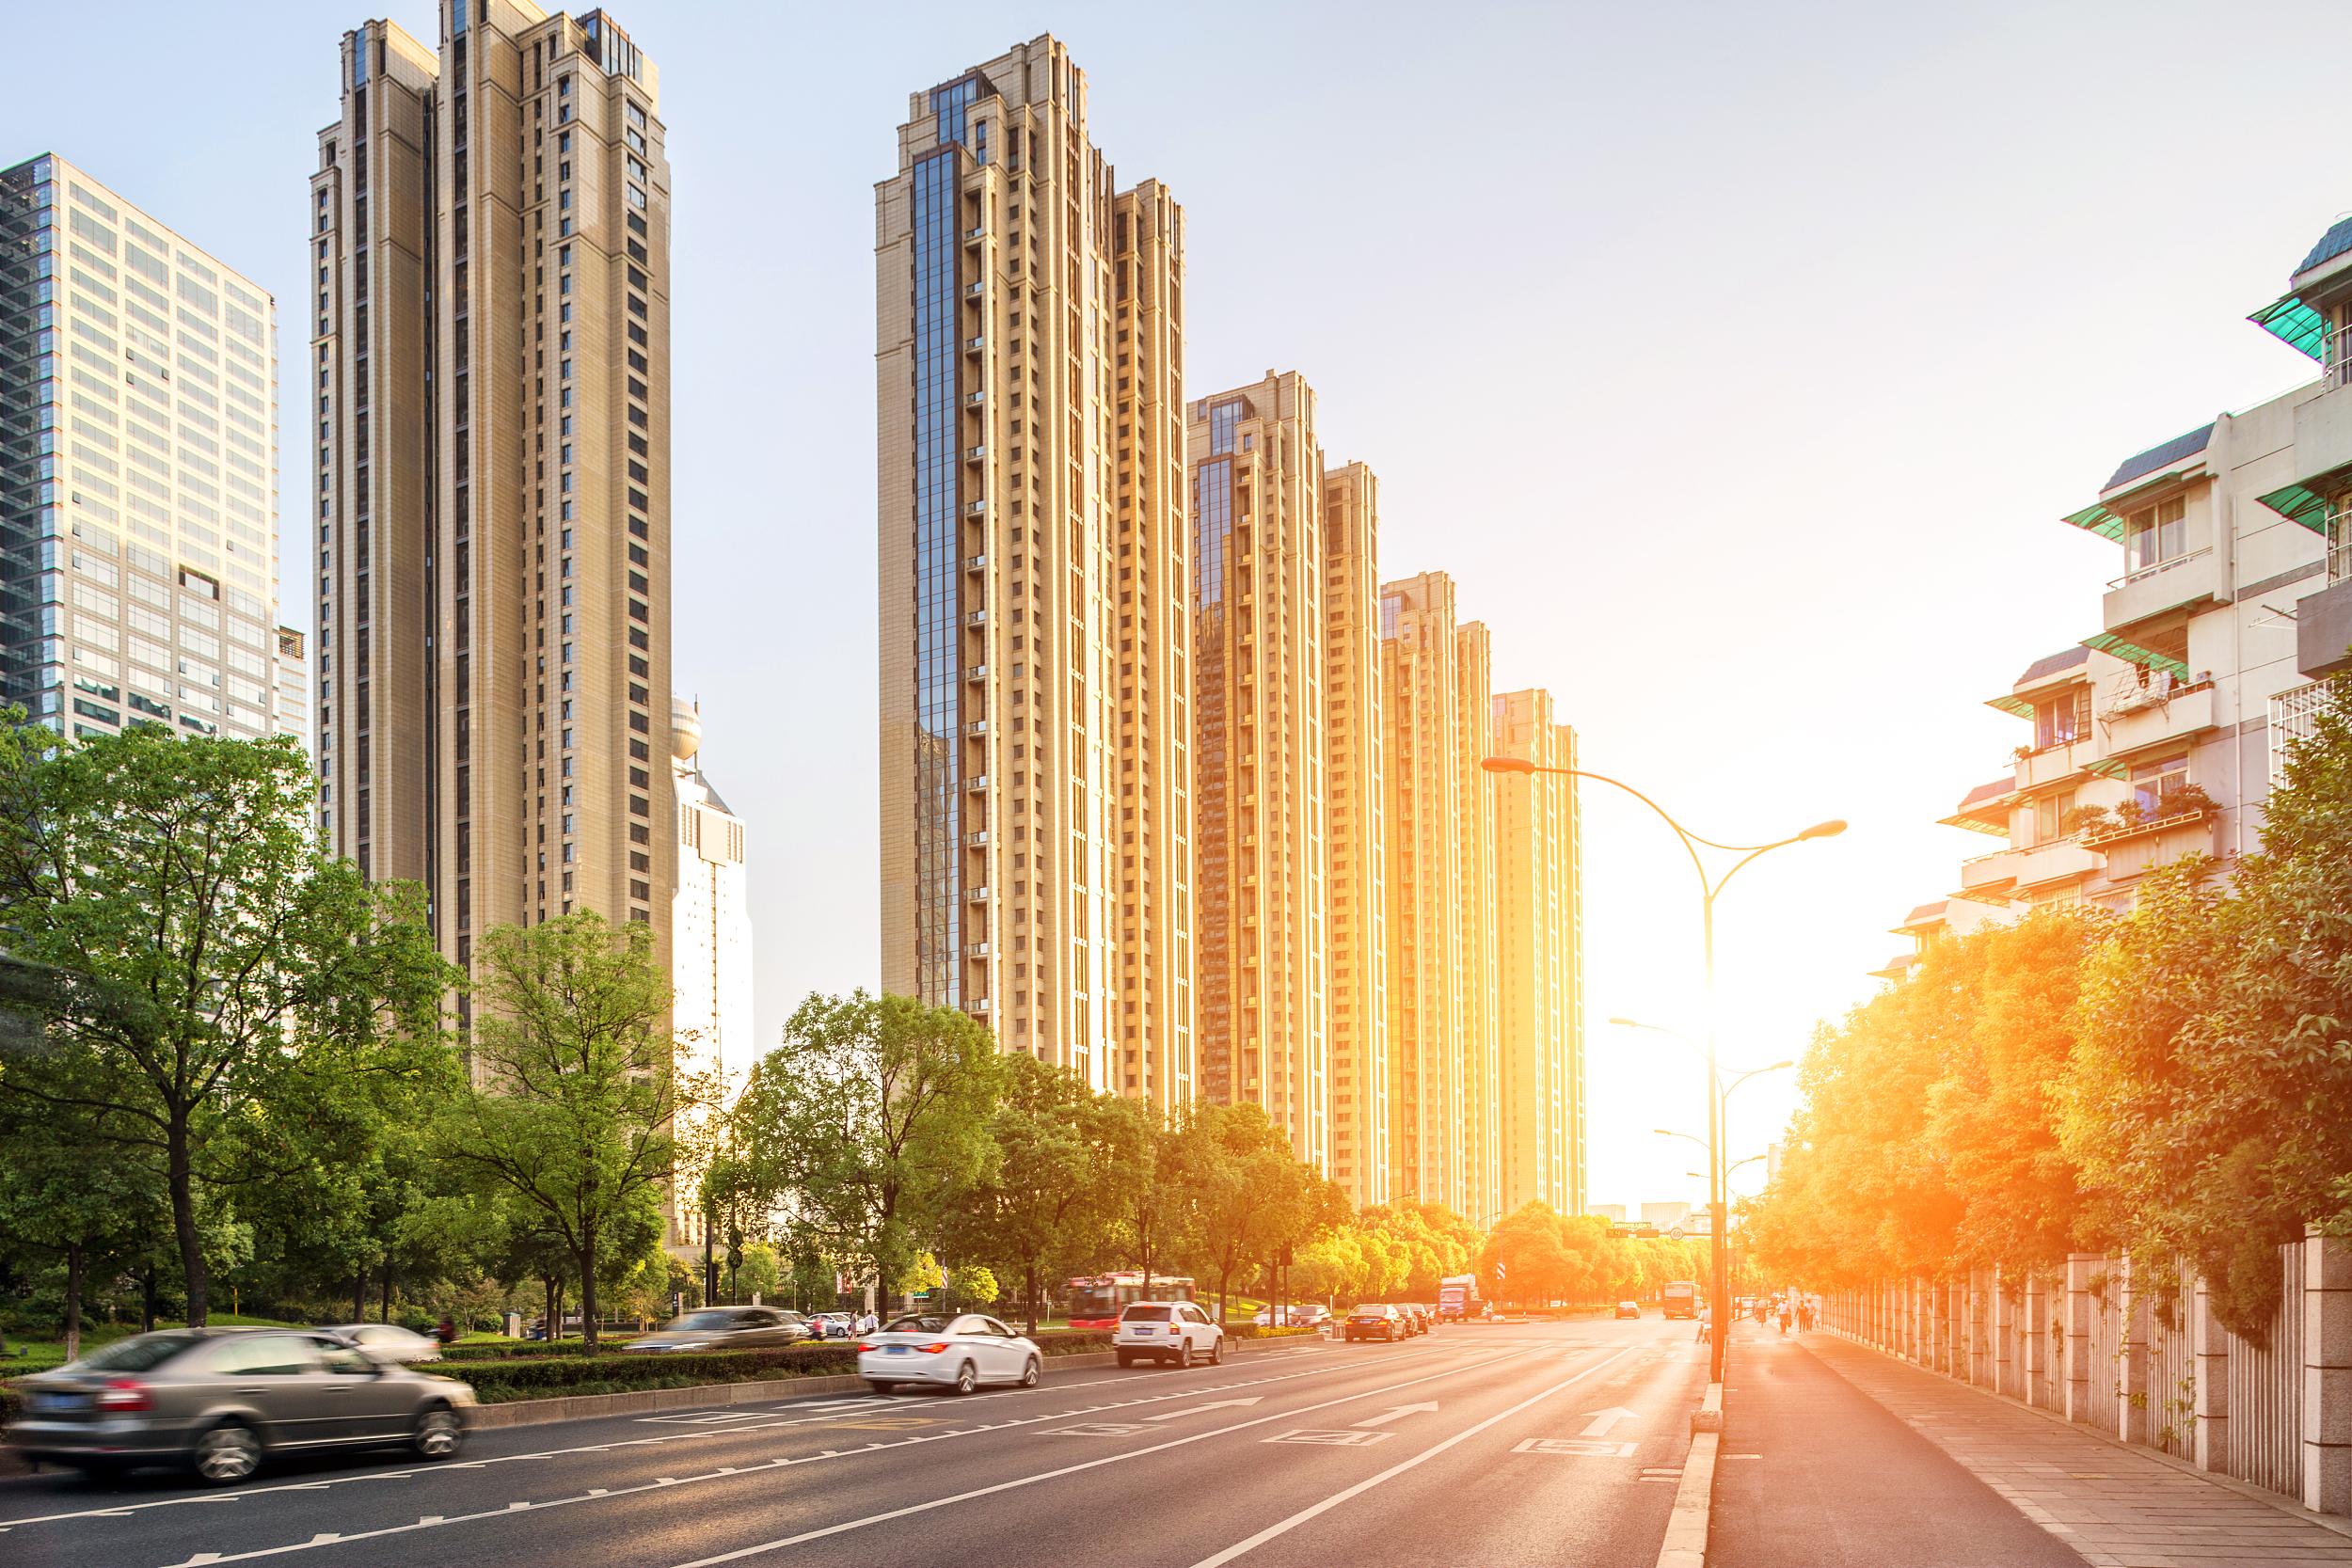 房地产市场价格总体稳定 下半年楼市过热机率小